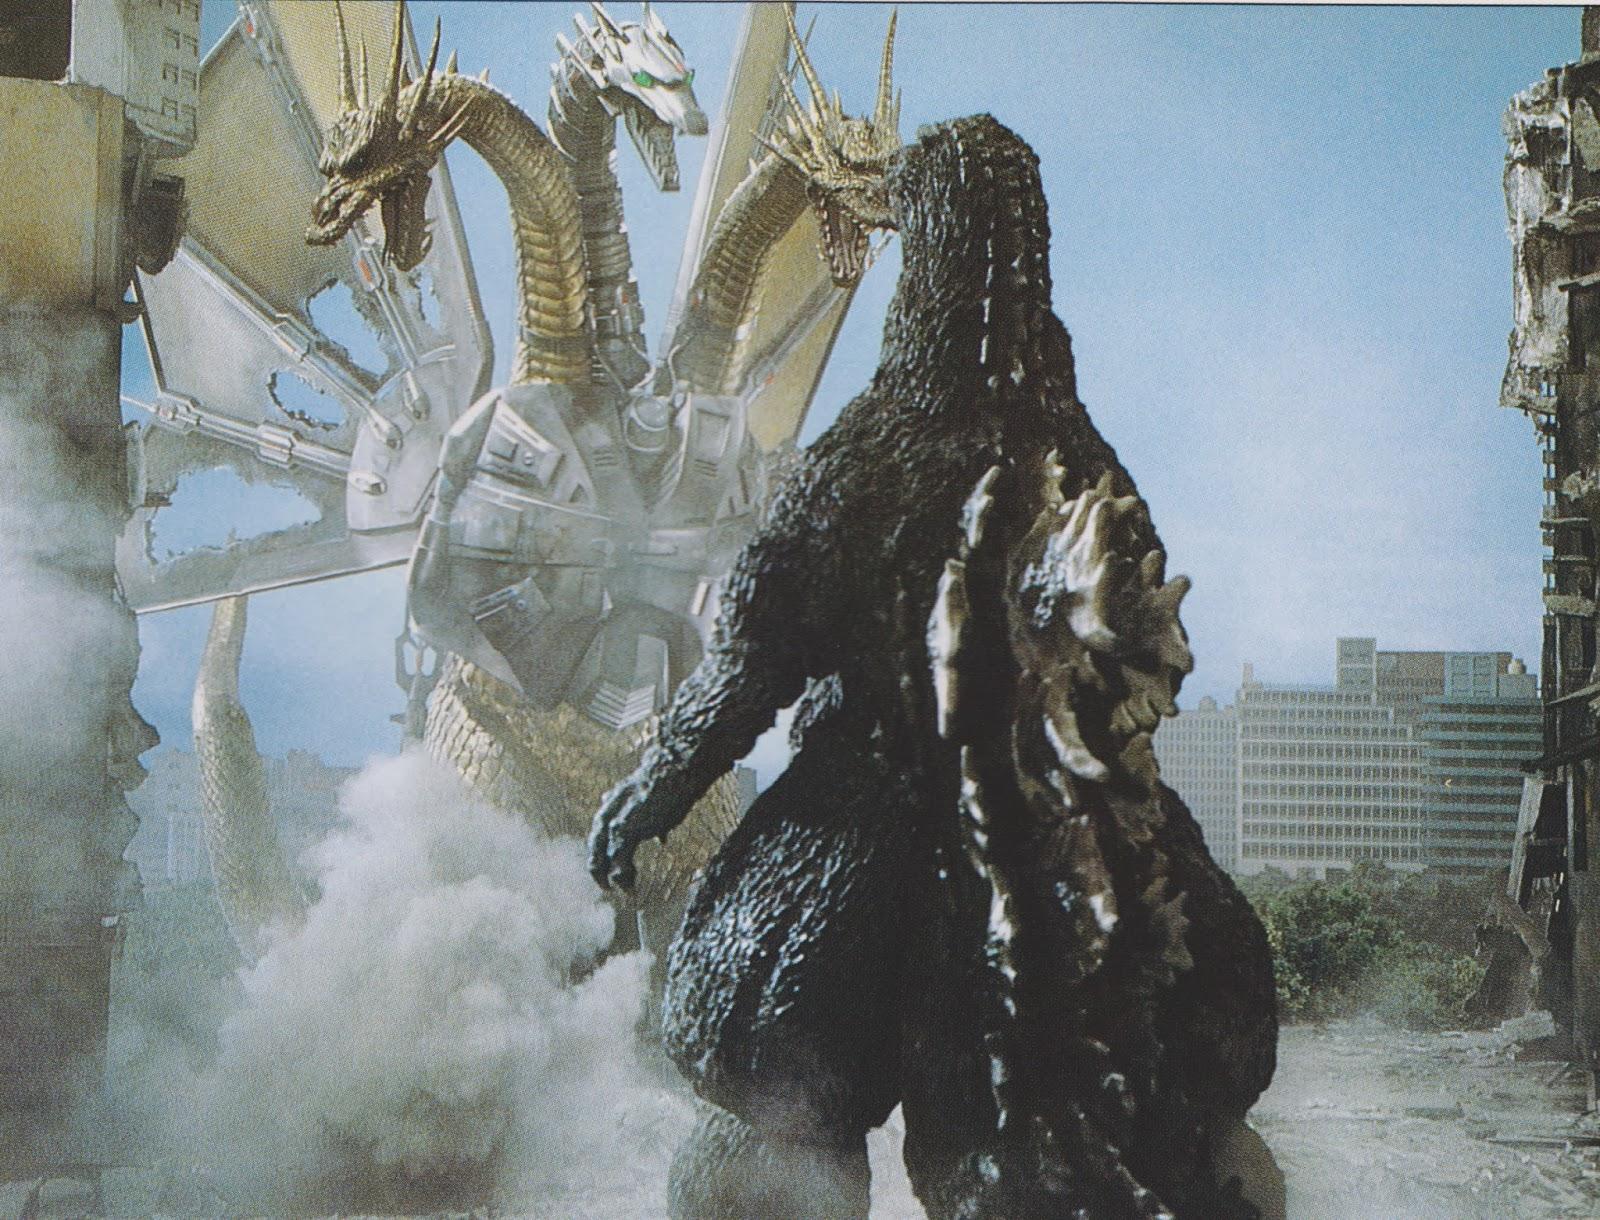 Godzilla Vs Mecha King Ghidorah FileGVKG - Godzilla Confronts